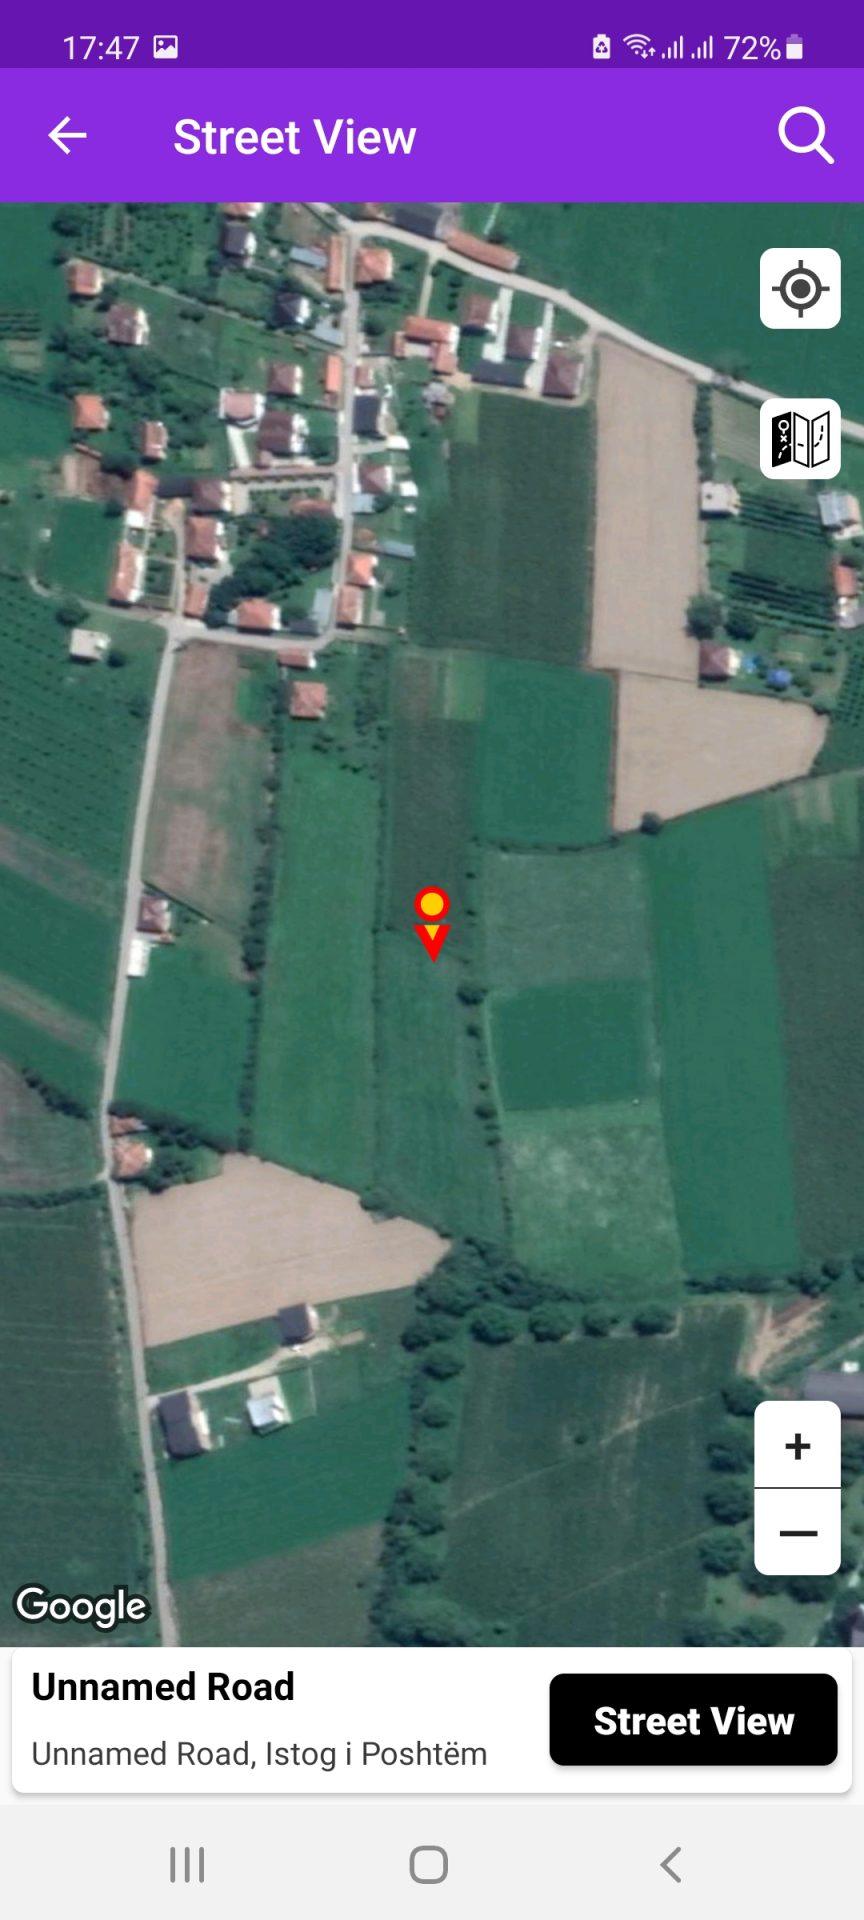 Screenshot_20210807-174749_Street View Maps